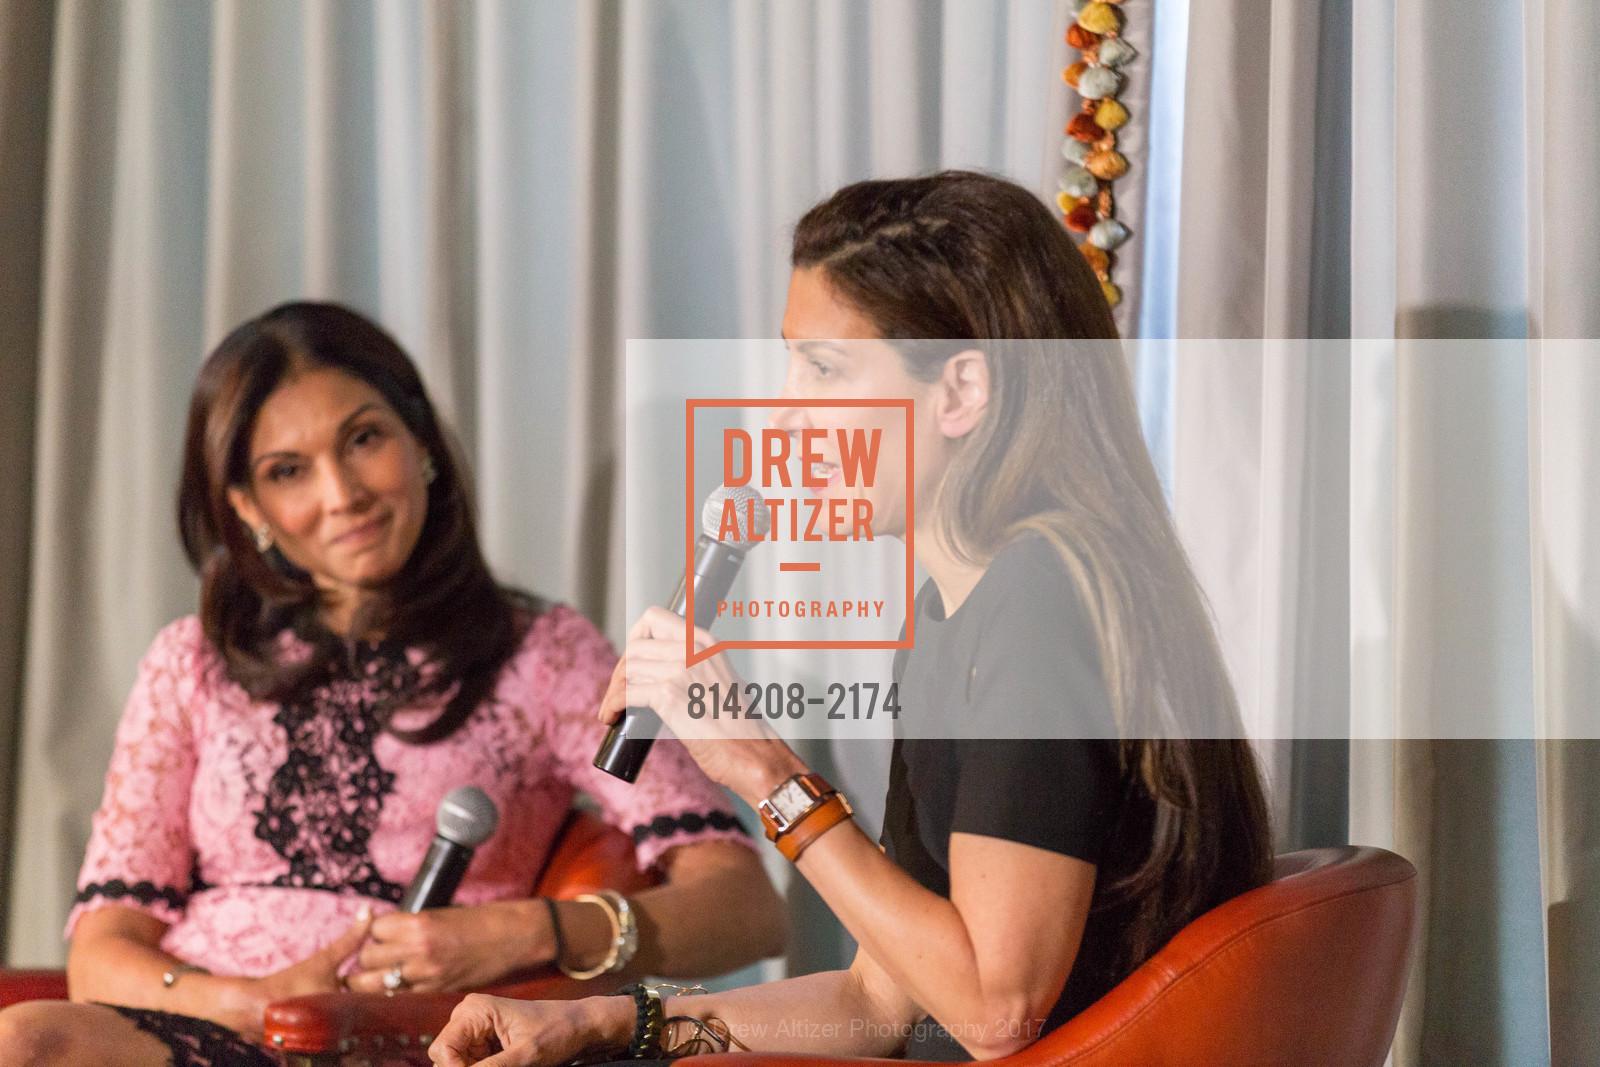 Shelly Kapoor Collins, Tina Sharkey, Photo #814208-2174